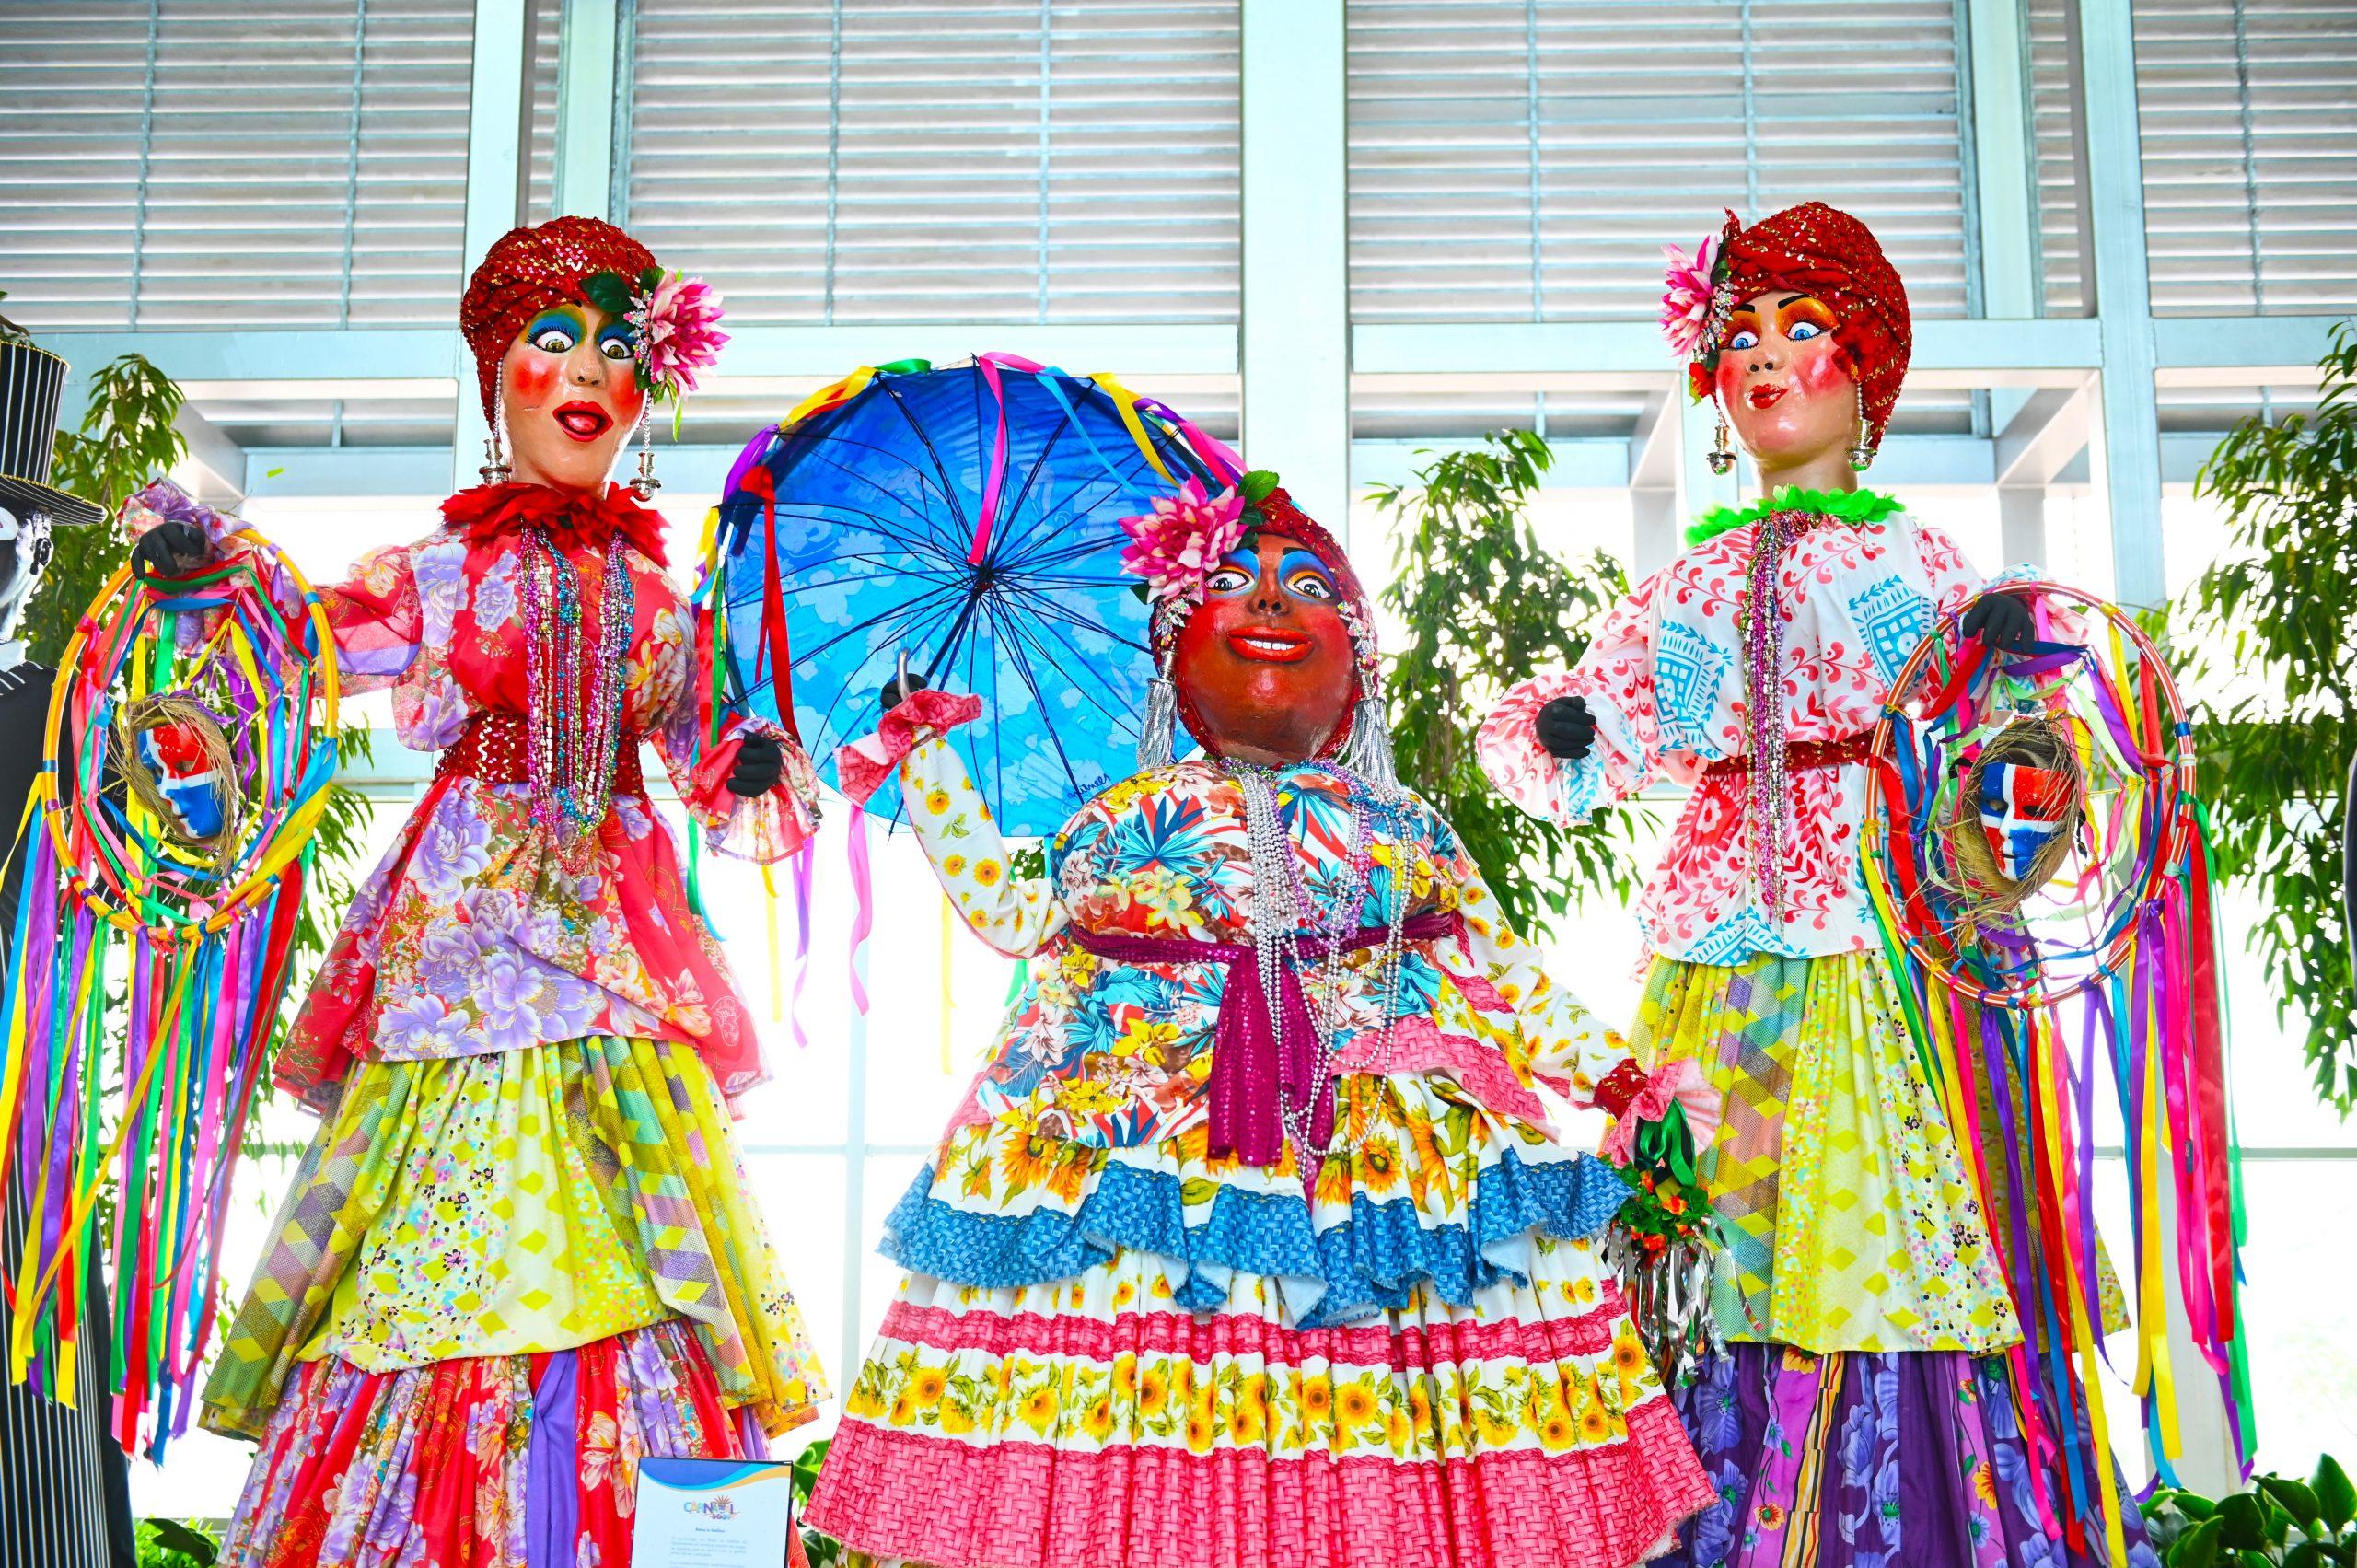 El Carnaval Dominicano sin lugar a dudas es una de las tradiciones más coloridas y celebraciones más alegres que tiene la República Dominicana